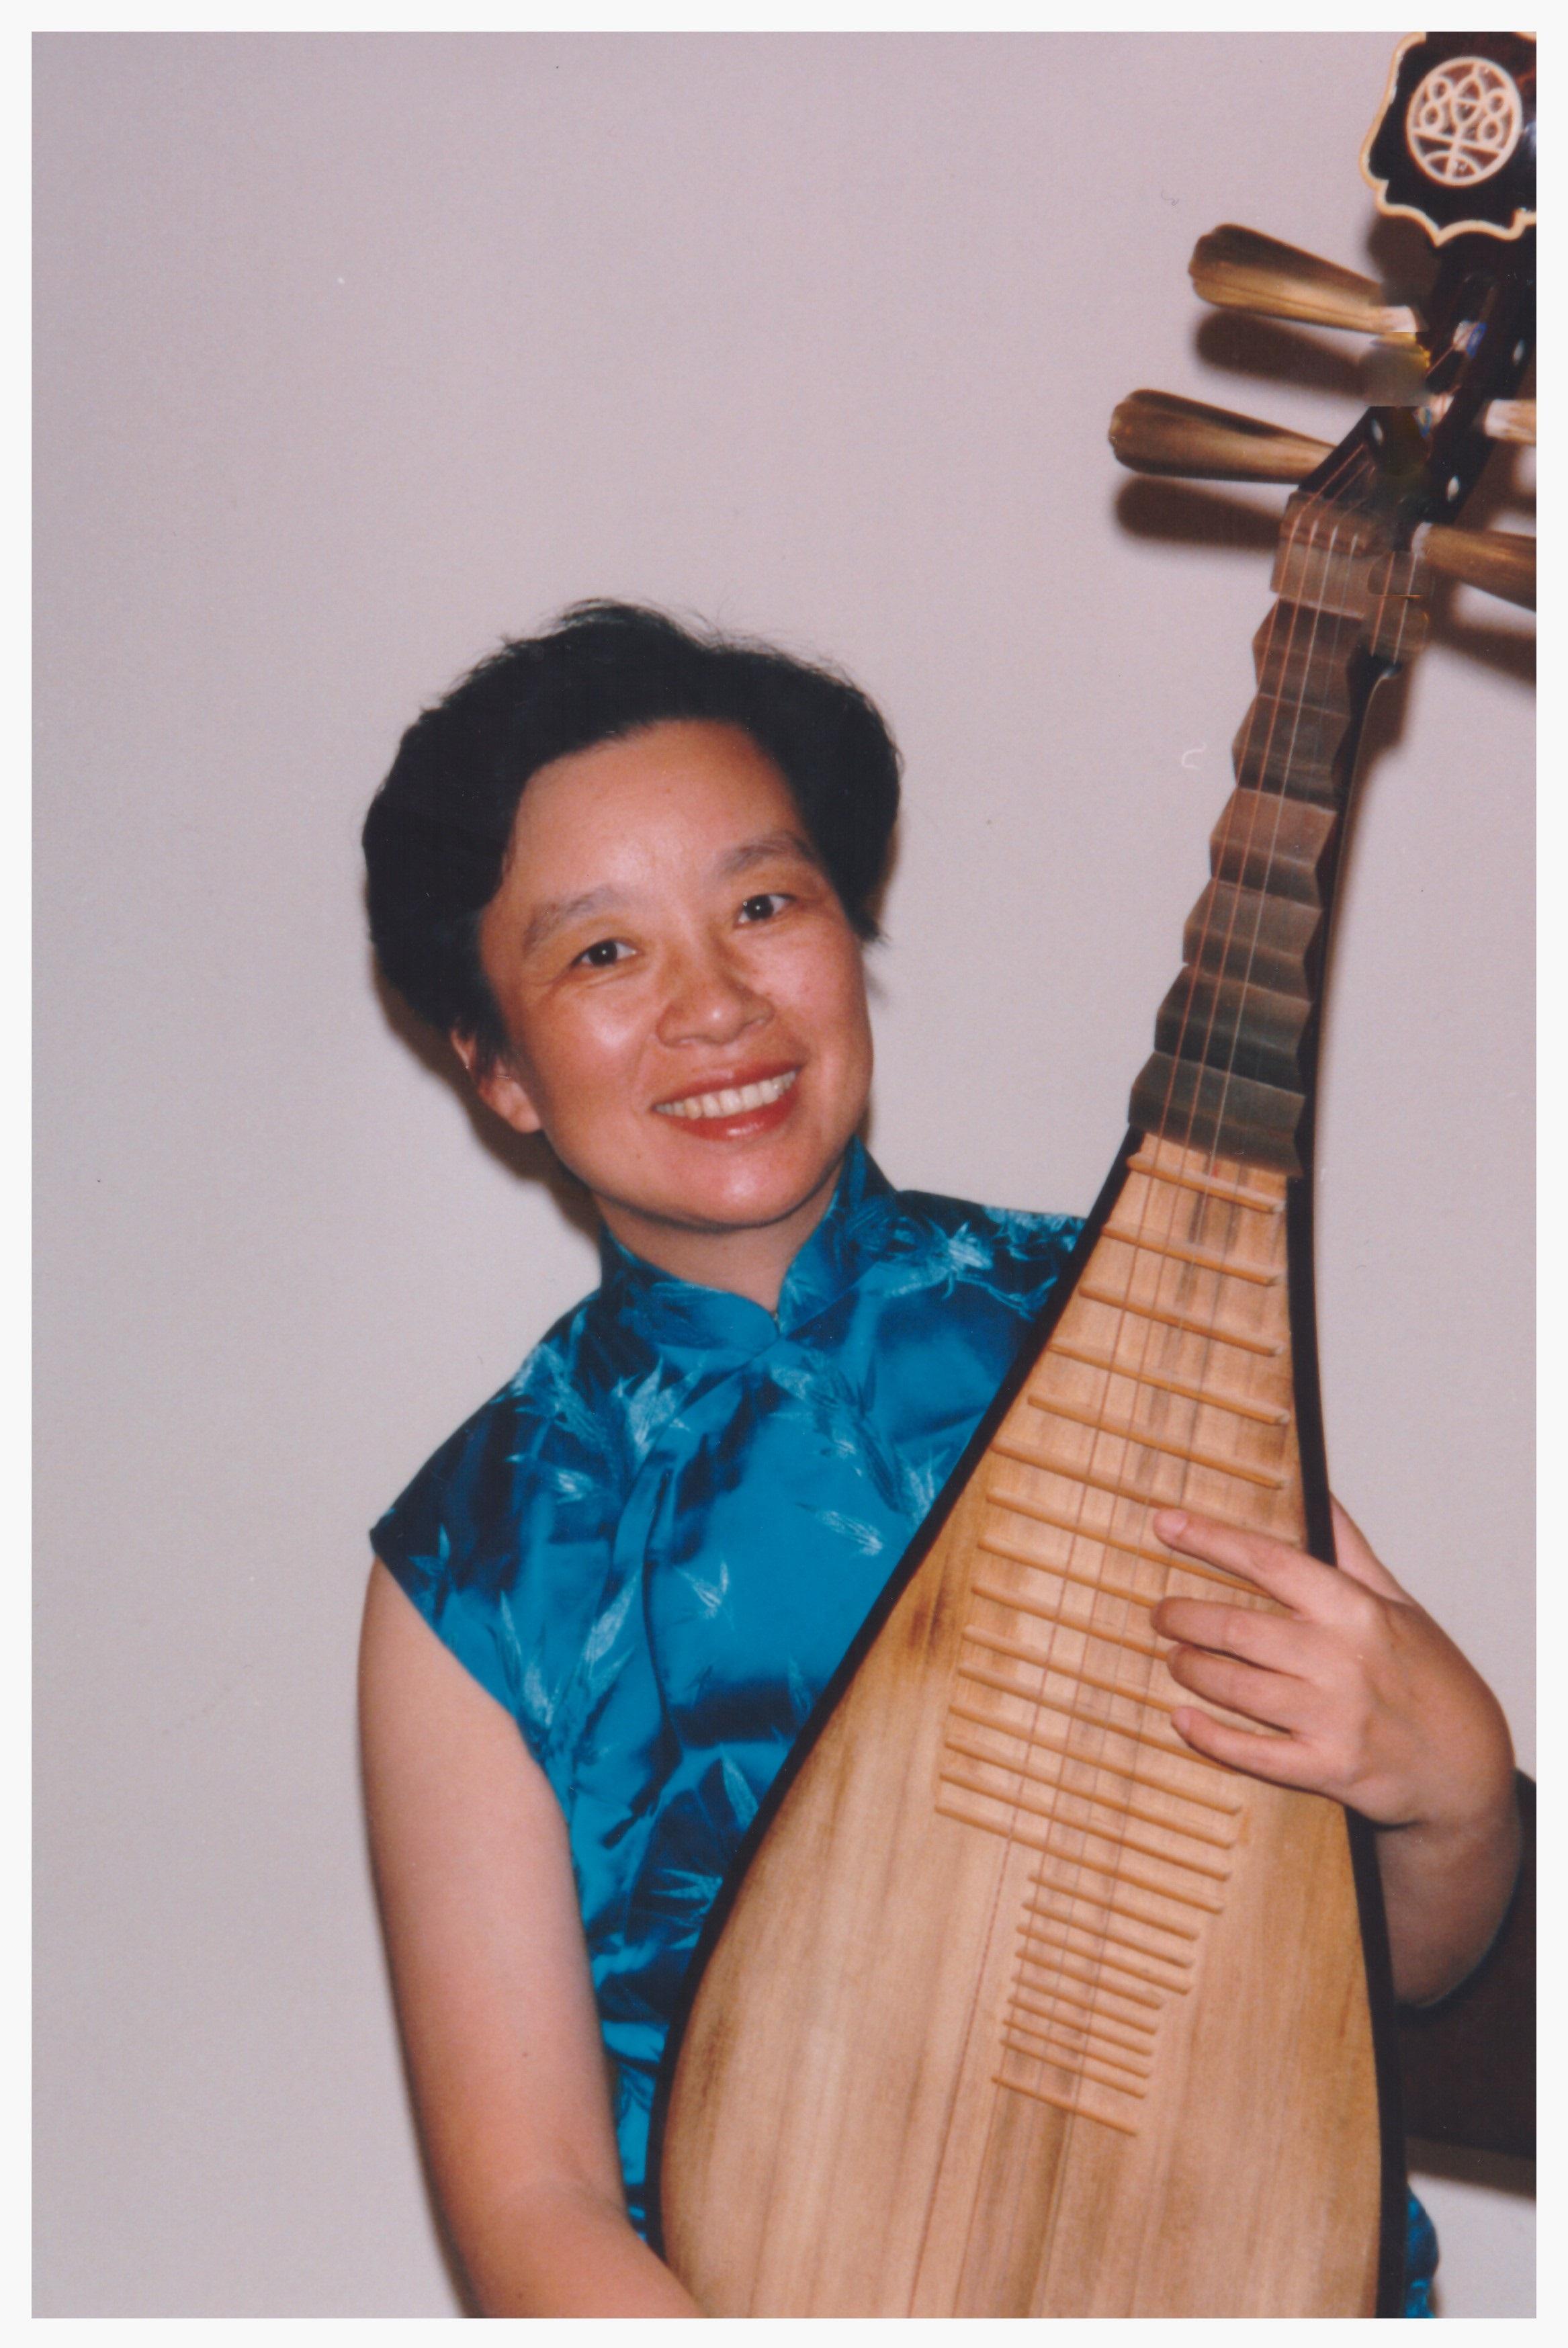 马梅椰:   琵琶演奏家。美中华人音乐家协会执行理事。